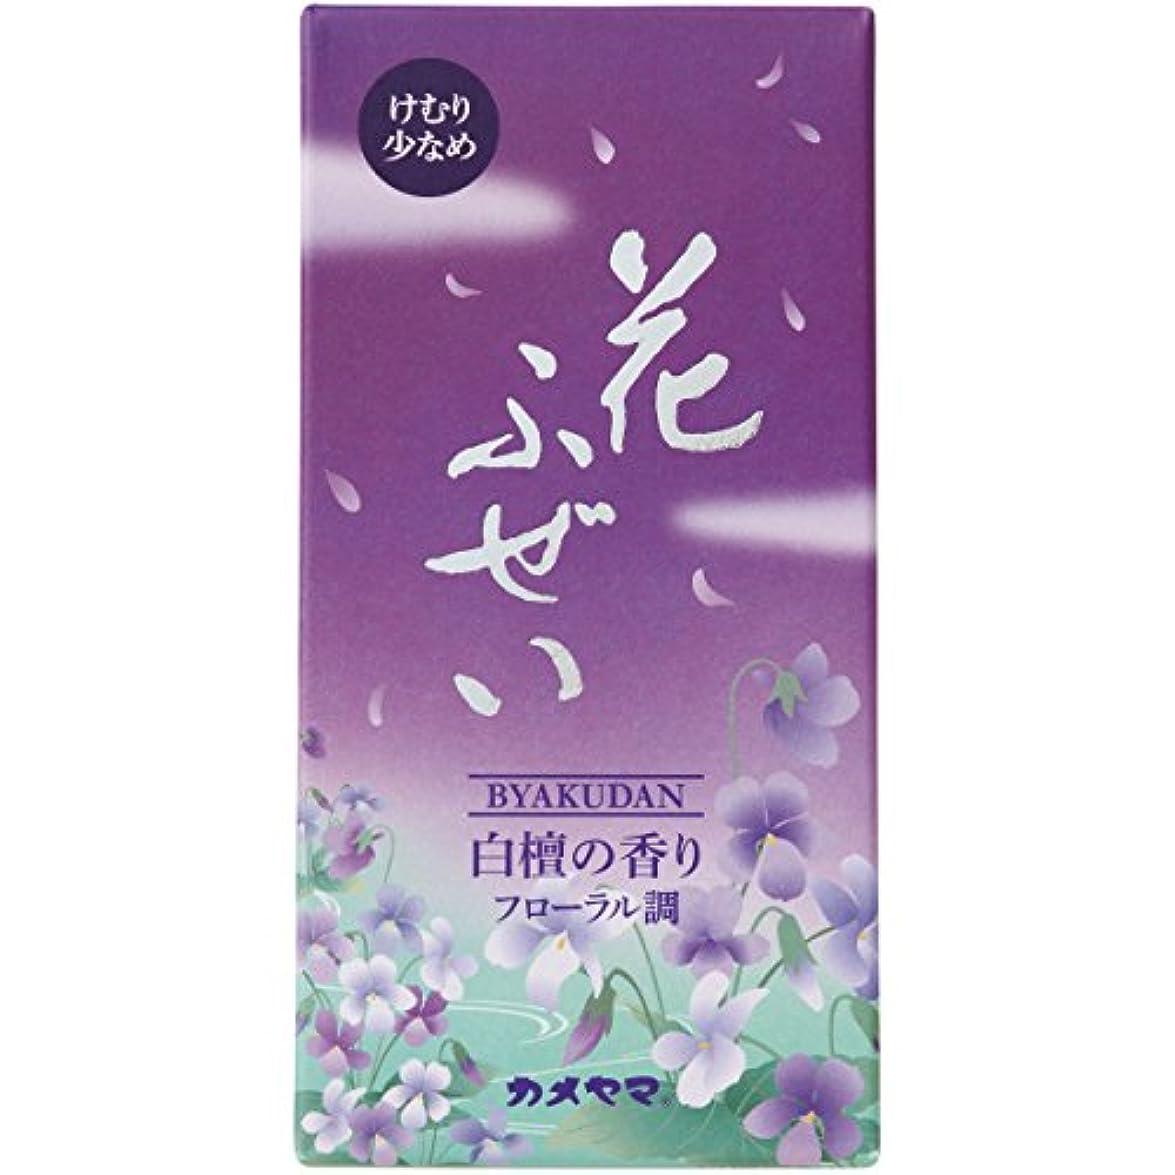 紫のにもかかわらずネズミカメヤマ 花ふぜい(紫)煙少香